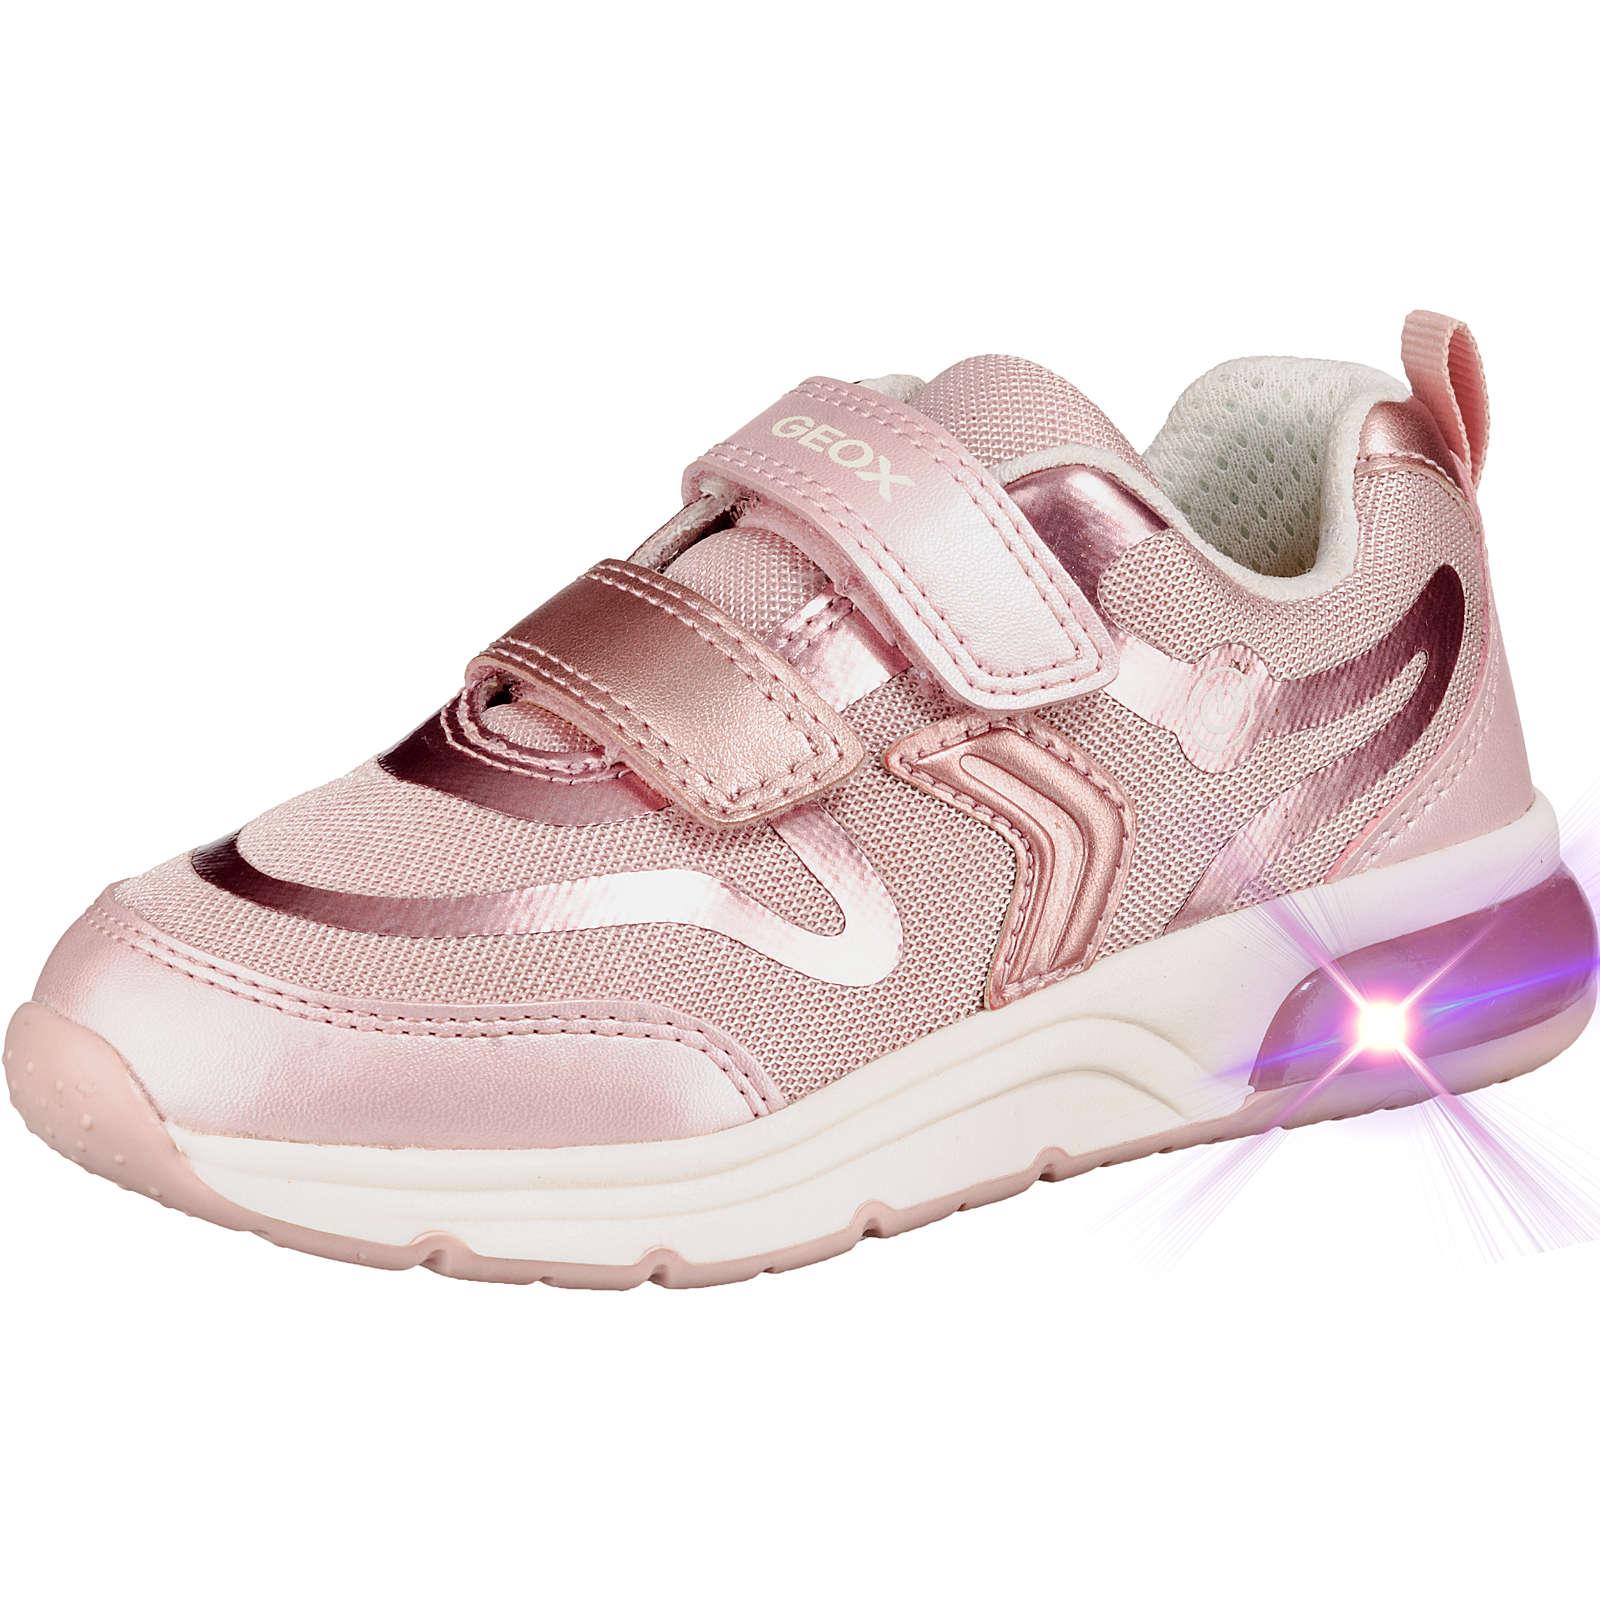 GEOX Sneakers Low Blinkies SPACECLUB GIRL für Mädchen rosa Mädchen Gr. 29